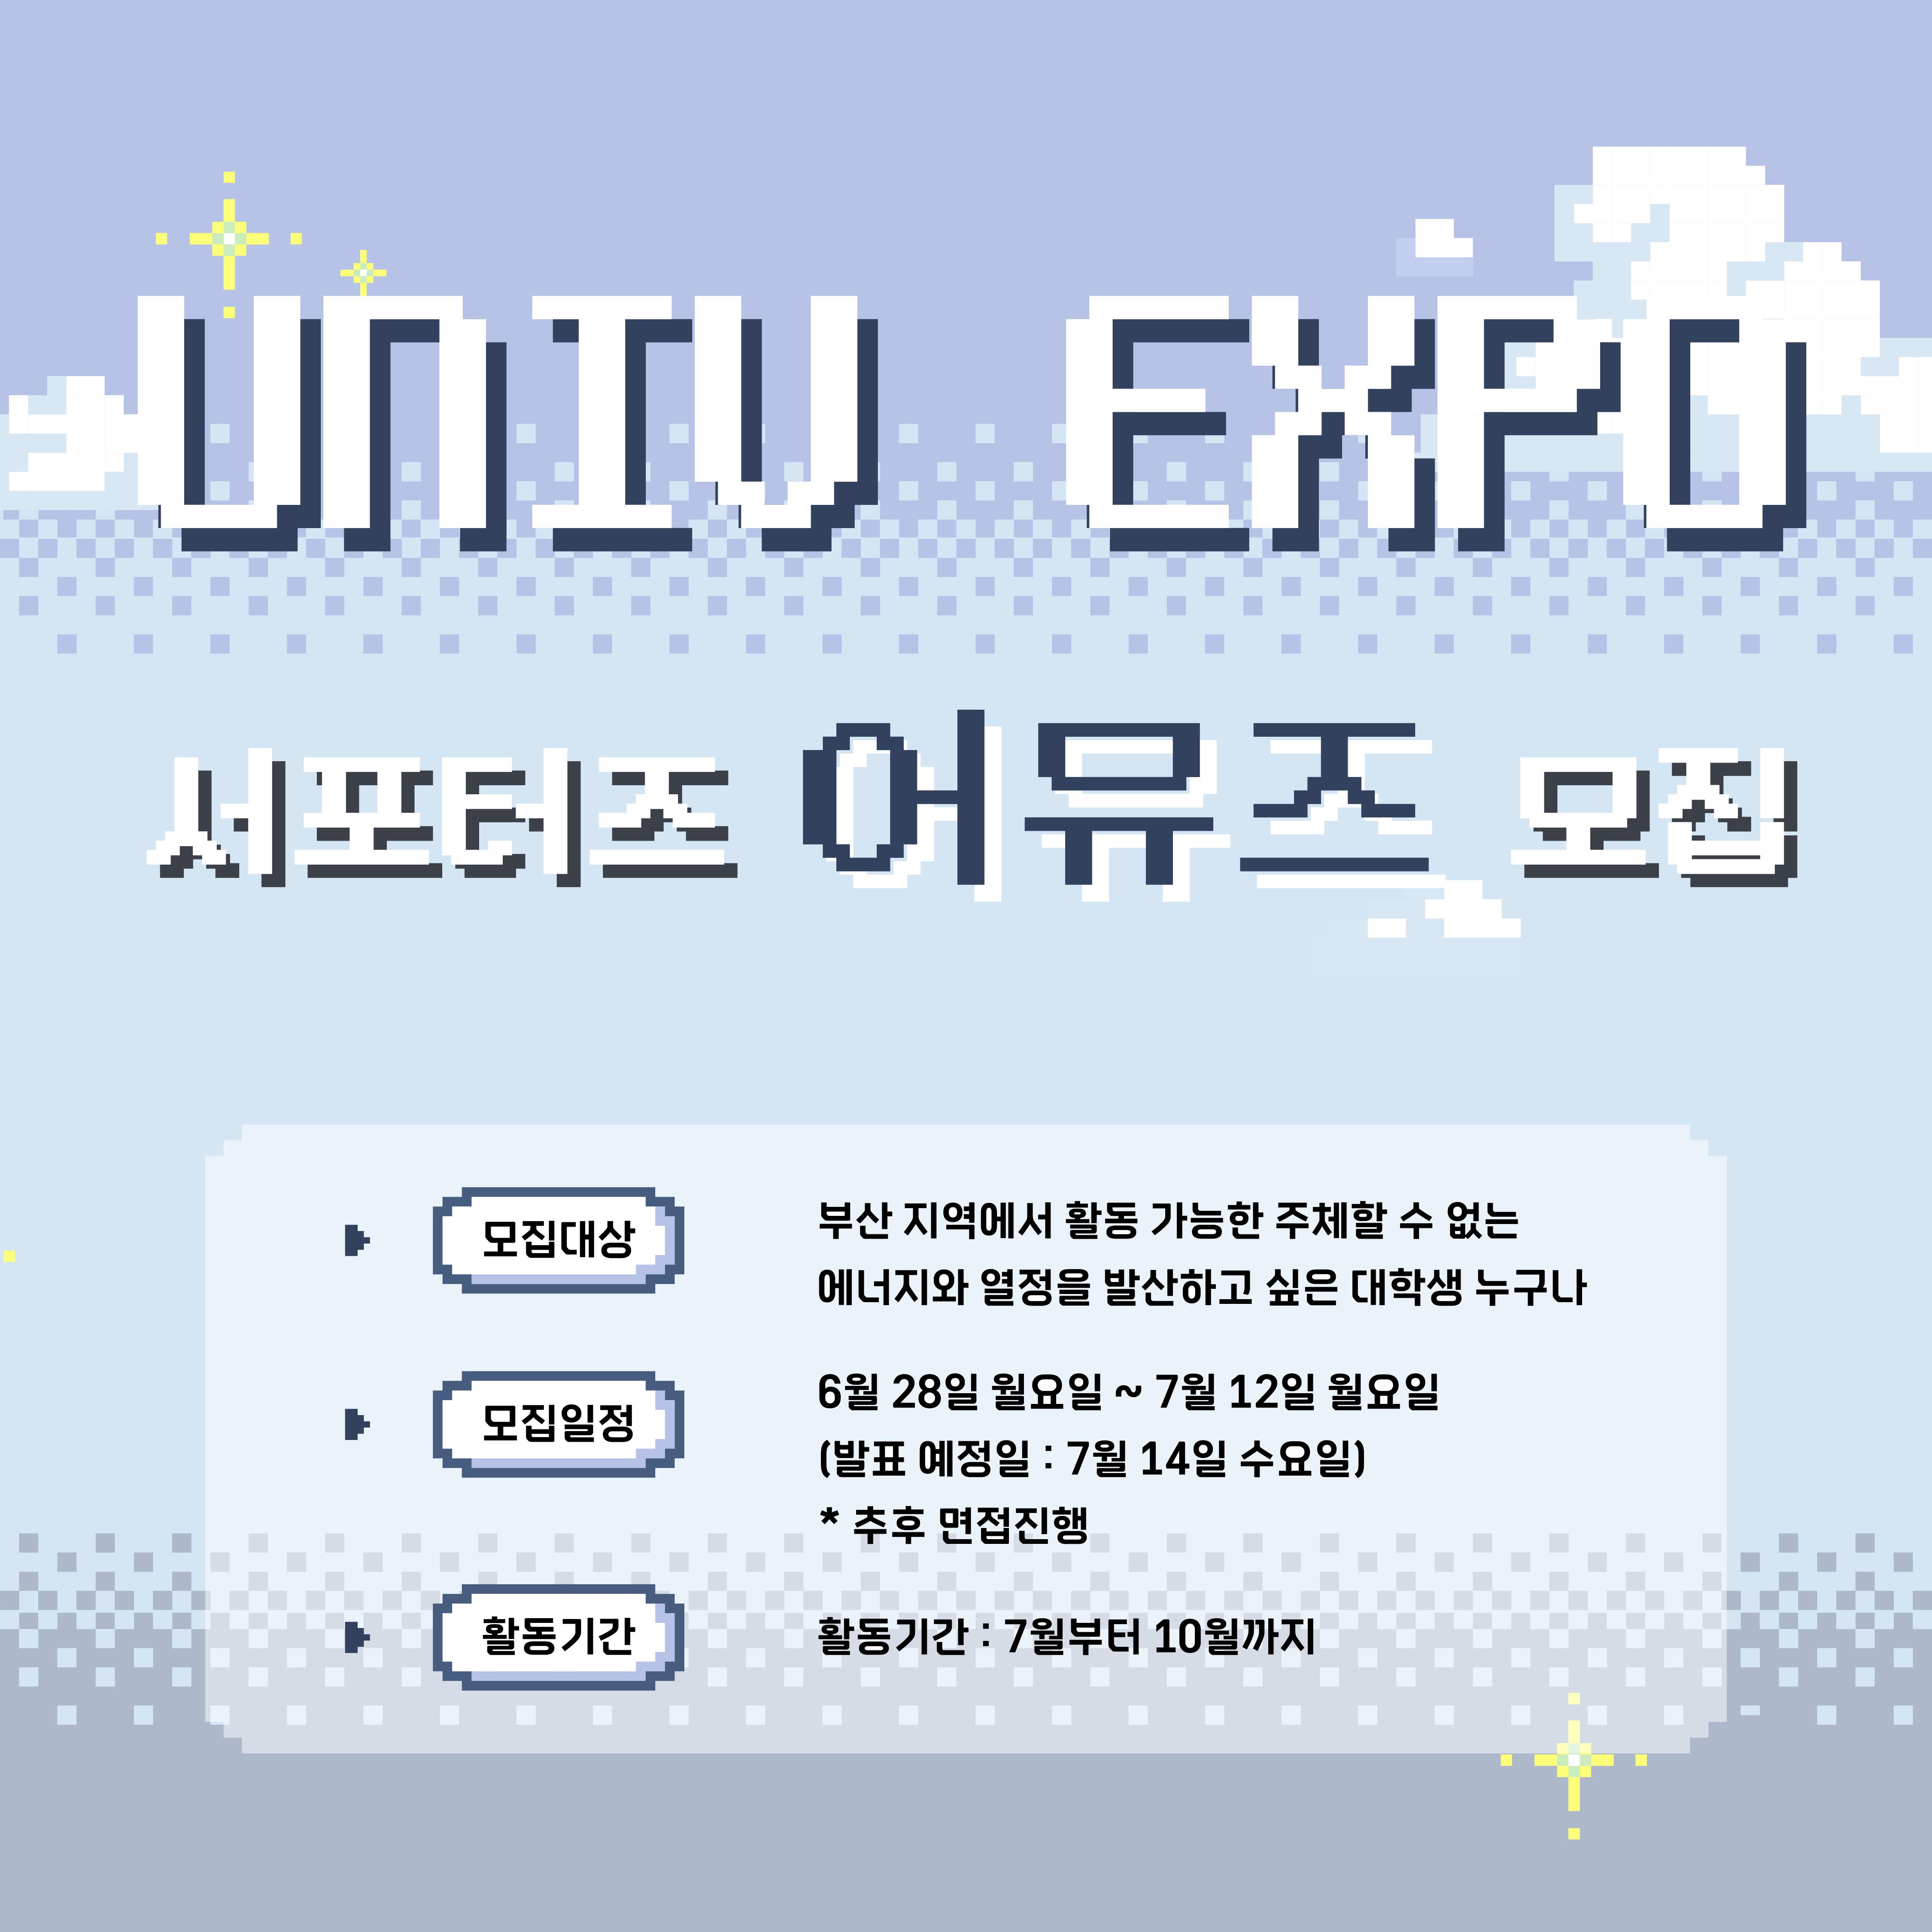 2021 UnivExpo Busan 서포터즈 어뮤즈 모집